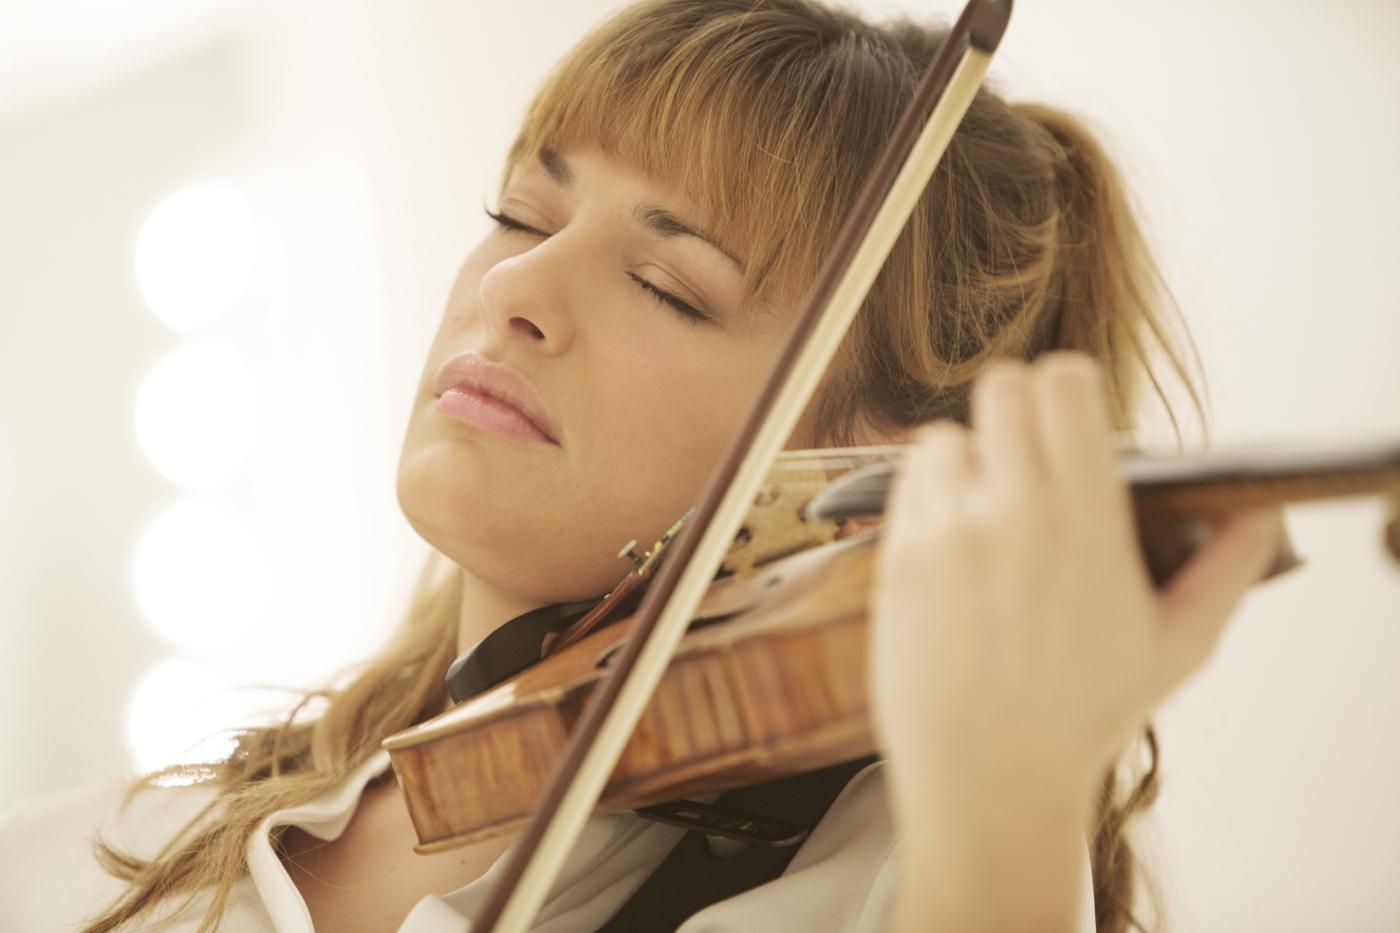 فعالية حكاية الكمان